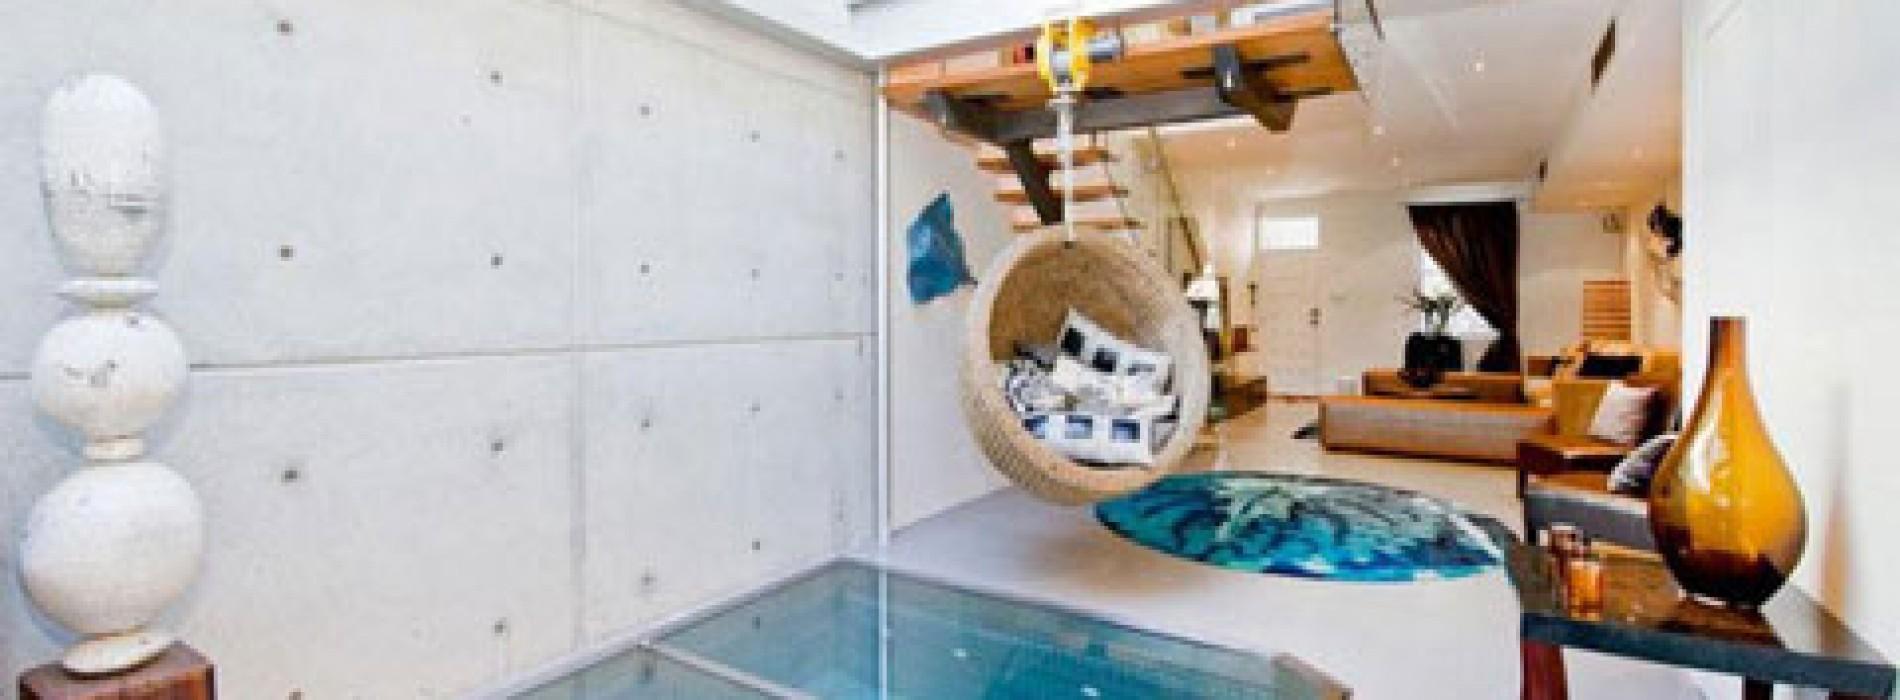 صور | مسبح بالصاله داخل شقه !